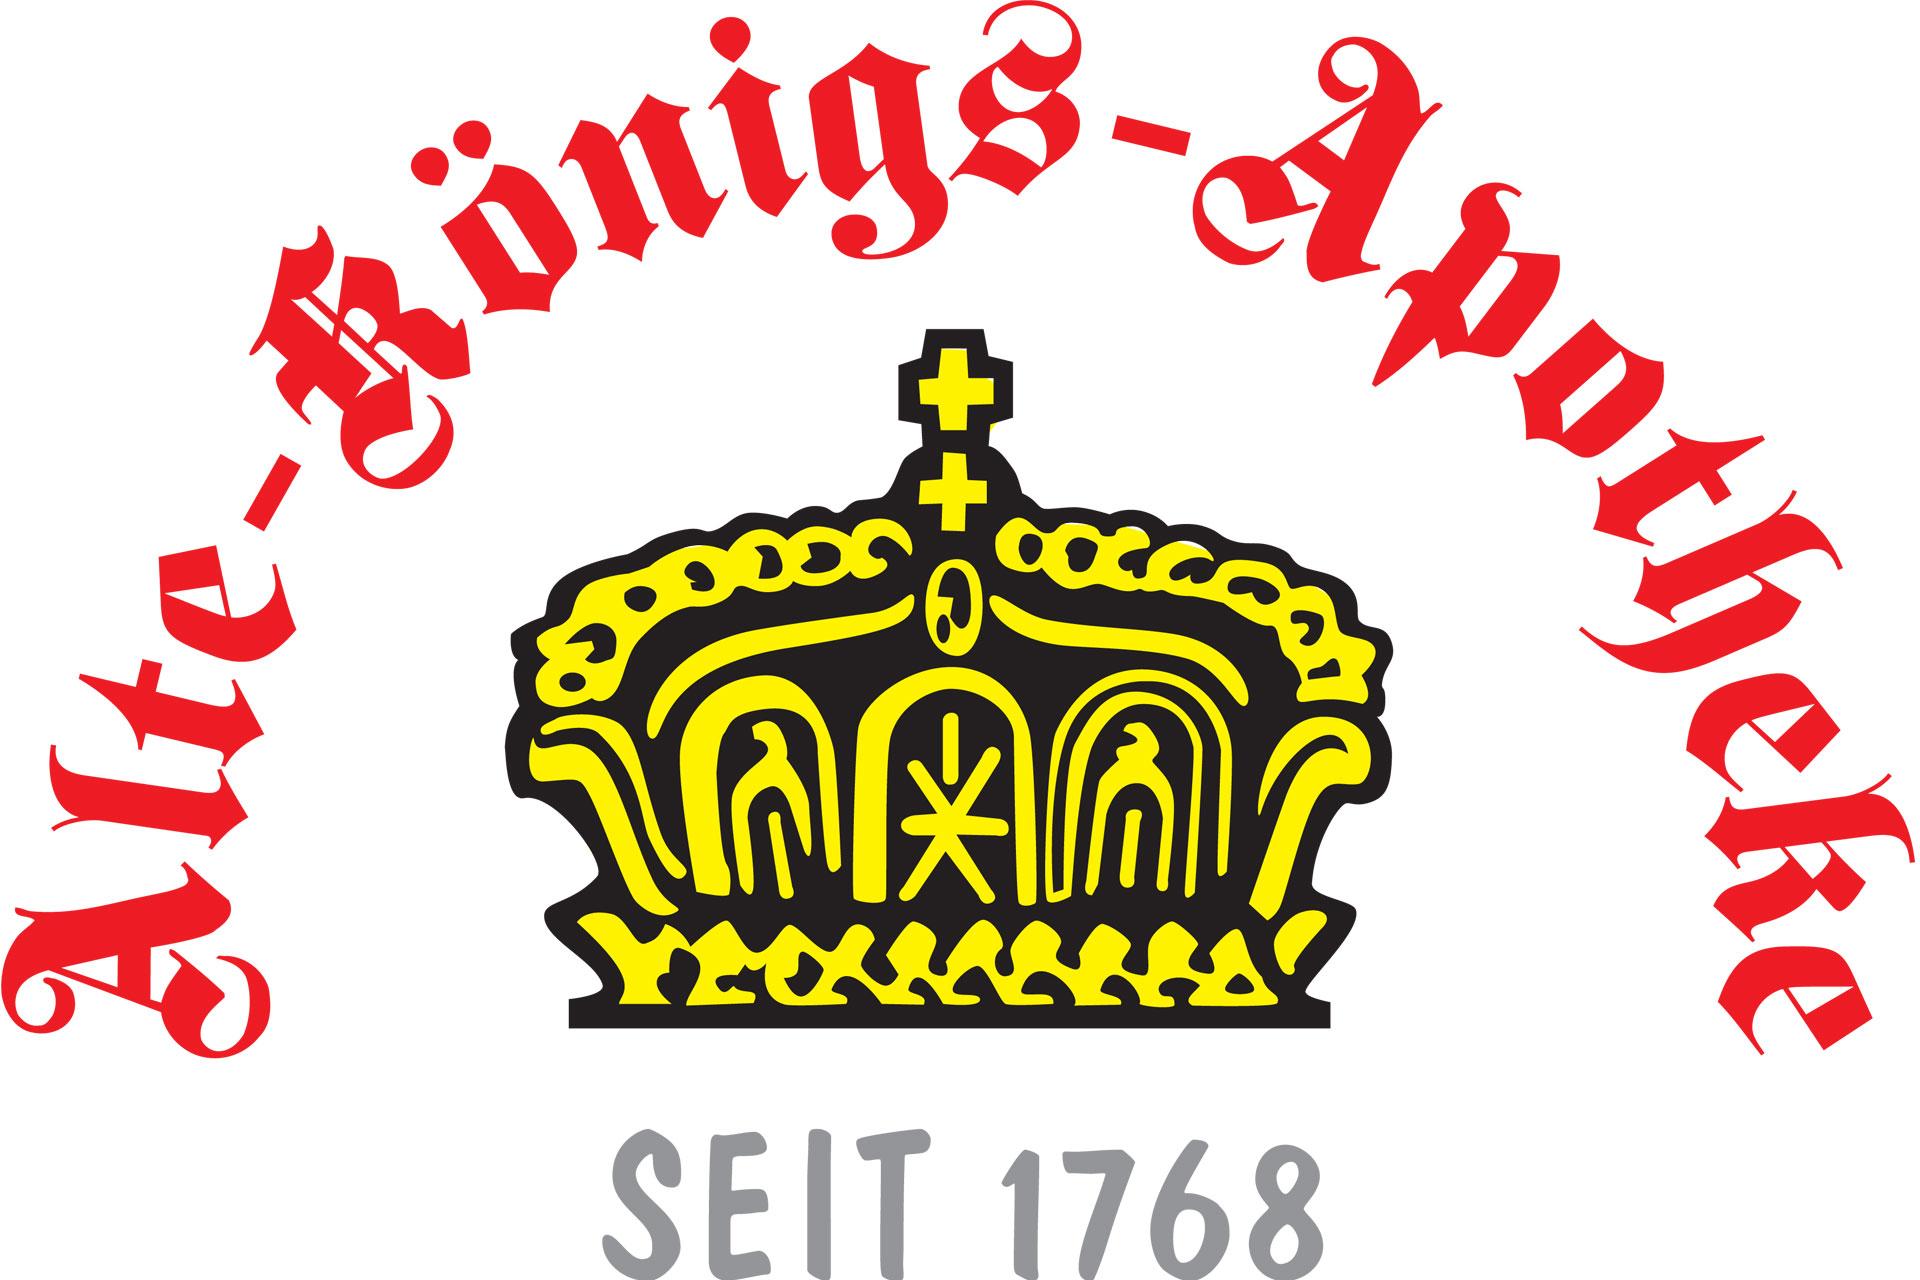 zum Bild: Logo Alte Königs Apotheke Löningen.